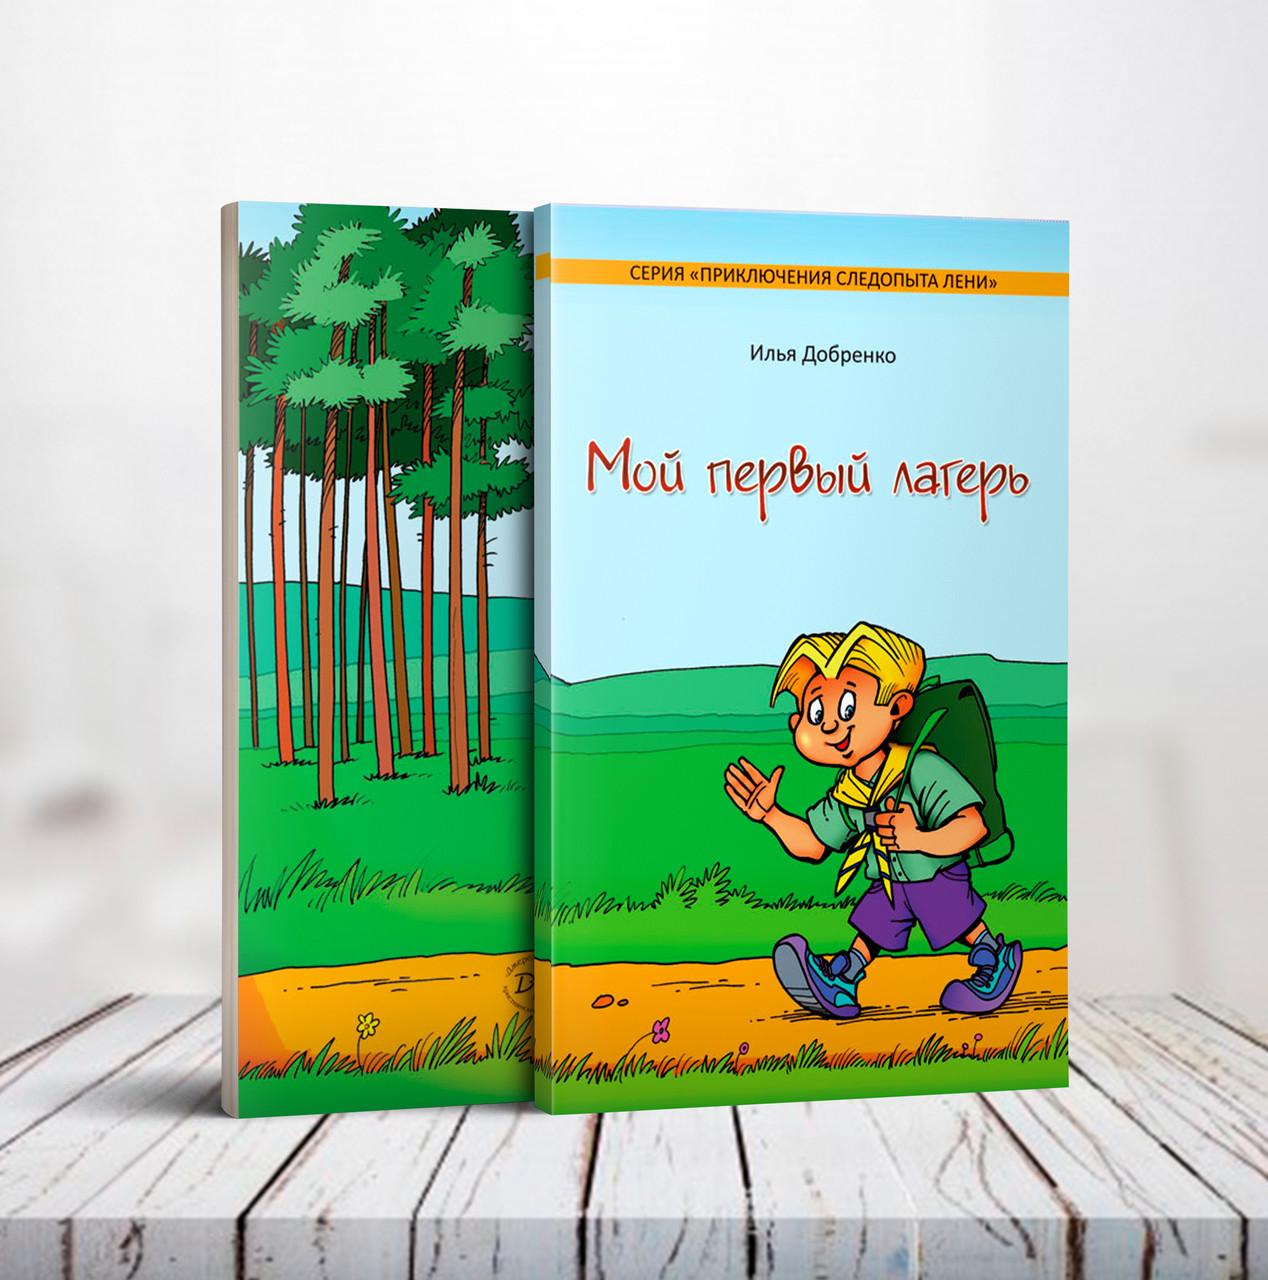 Мой первый лагерь. Серия: Приключения следопыта Лени – Илья Добренко